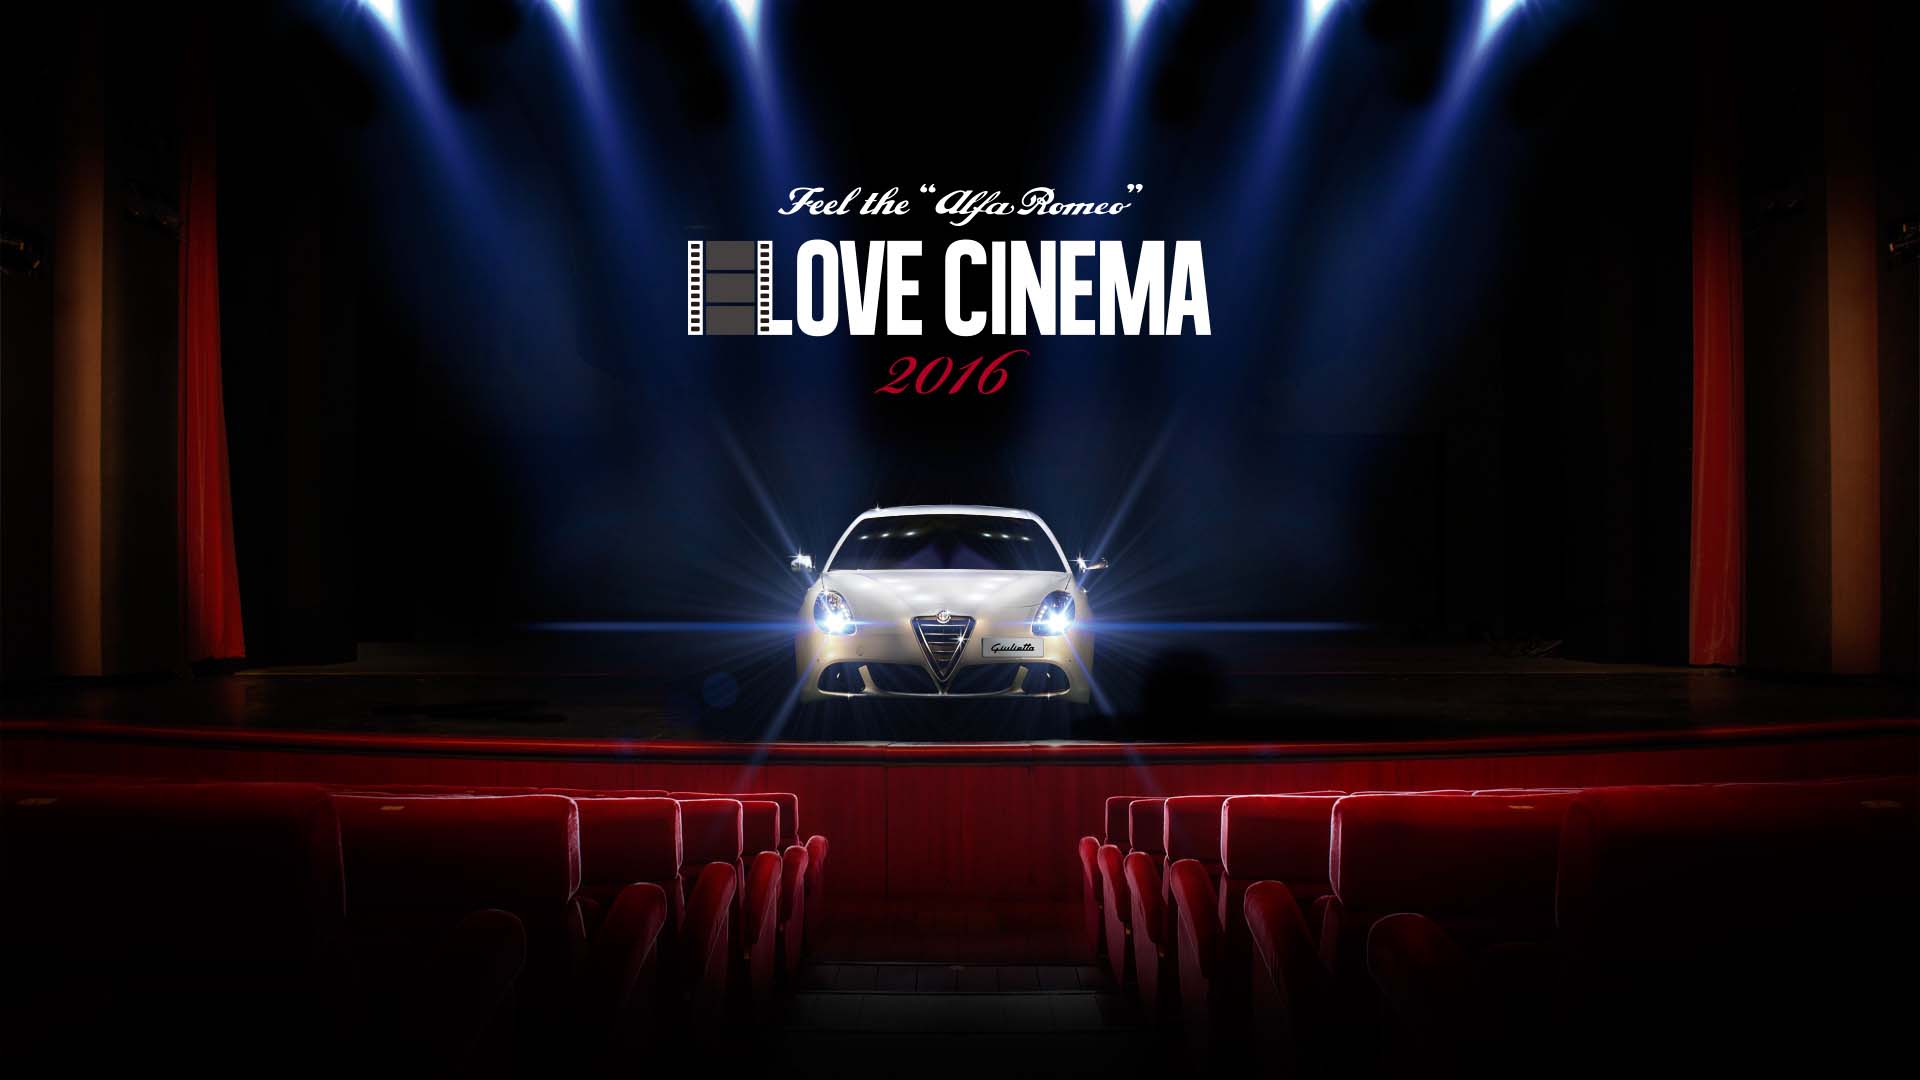 Feel the Alfa Romeo I LOVE CINEMA 2016-featured-image